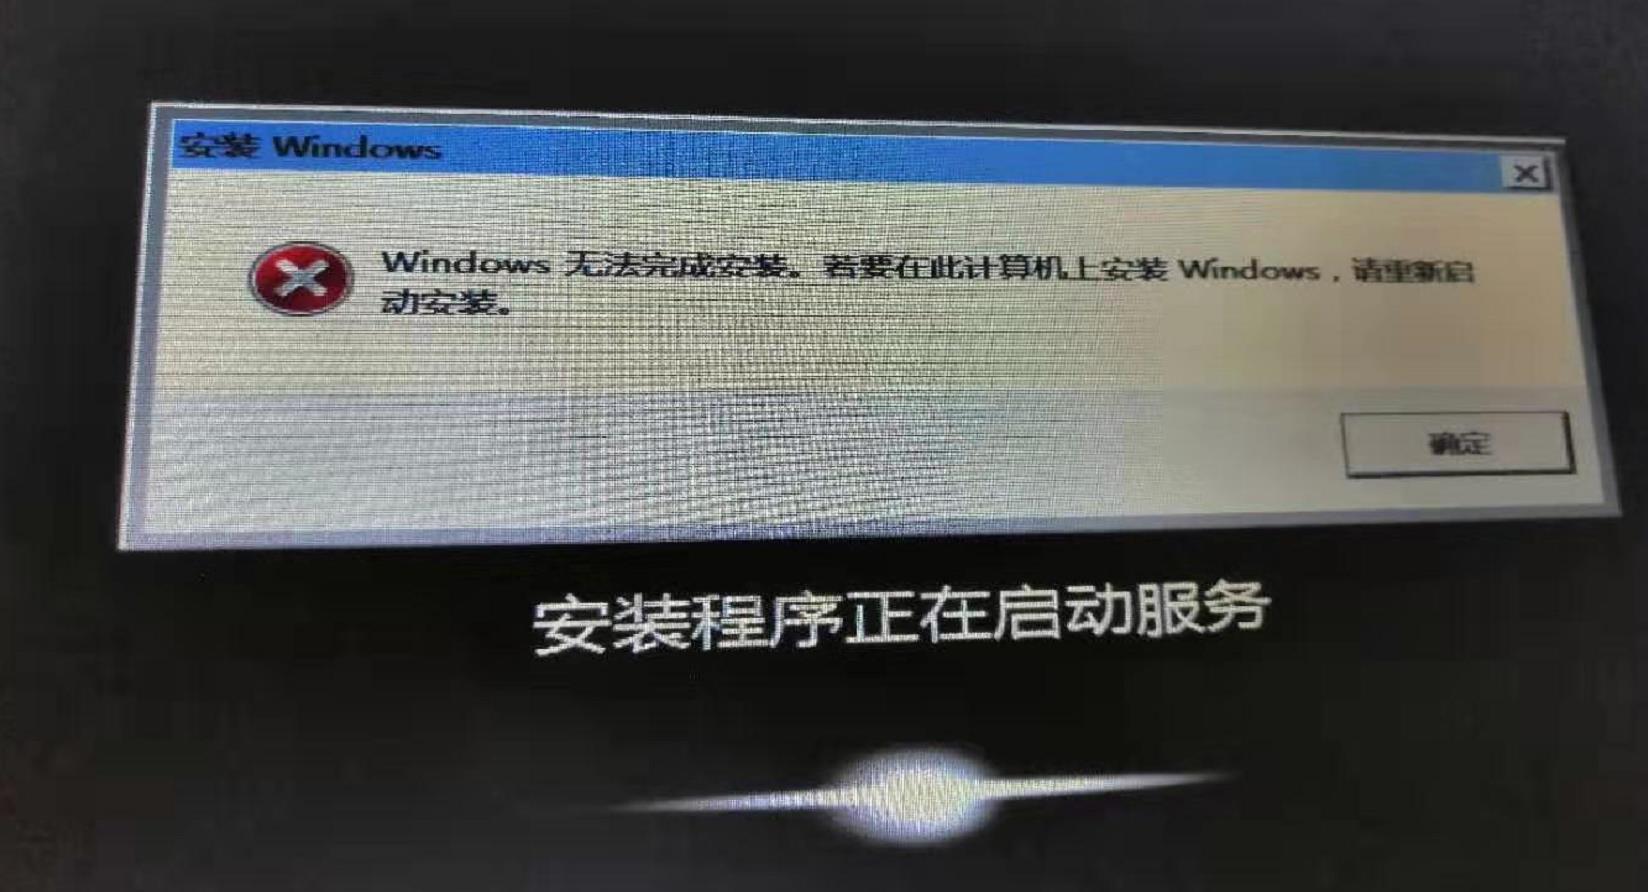 Windows 无法完成安装。若要在此计算机上安装 Windows,请重新启动安装。